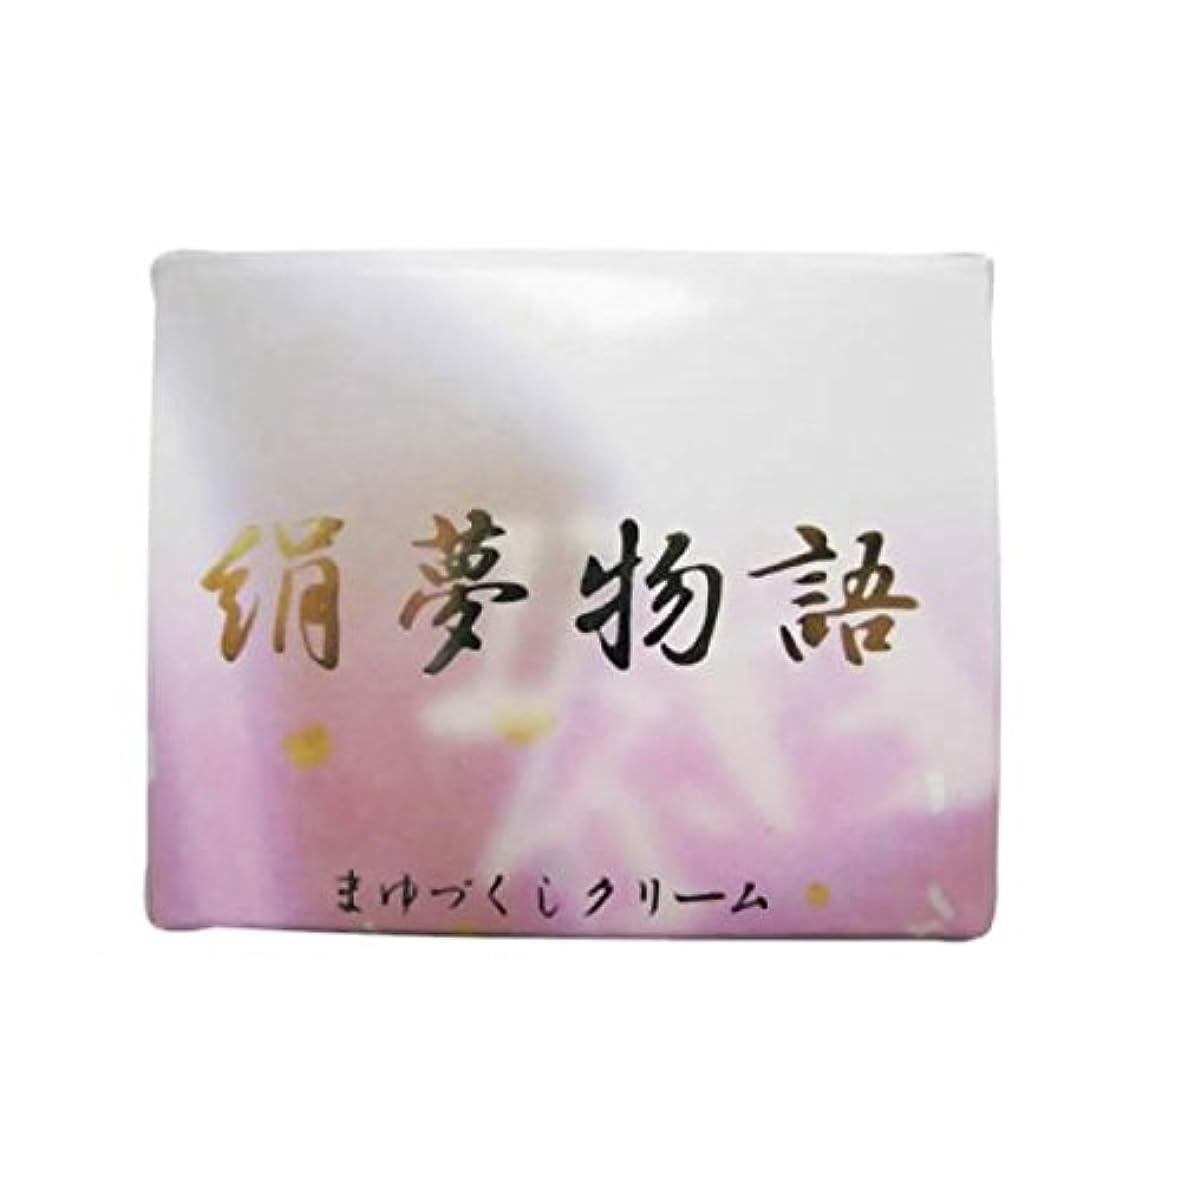 パテ病者下に向けます【お徳用 2 セット】 絹夢物語 まゆづくしクリーム 35g×2セット